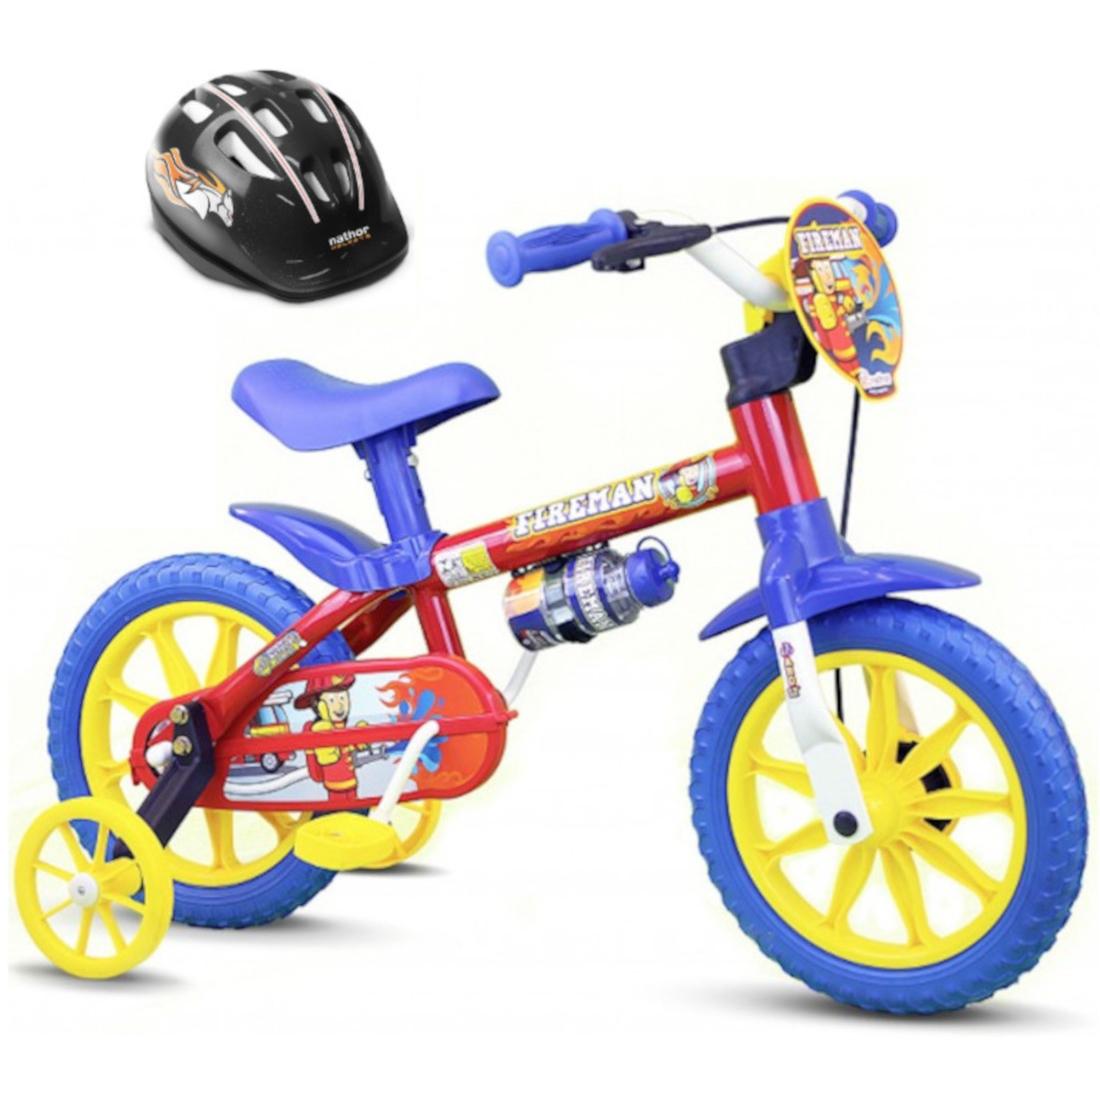 Bicicleta aro 12 Infantil Fireman Nathor Com Capacete Preto